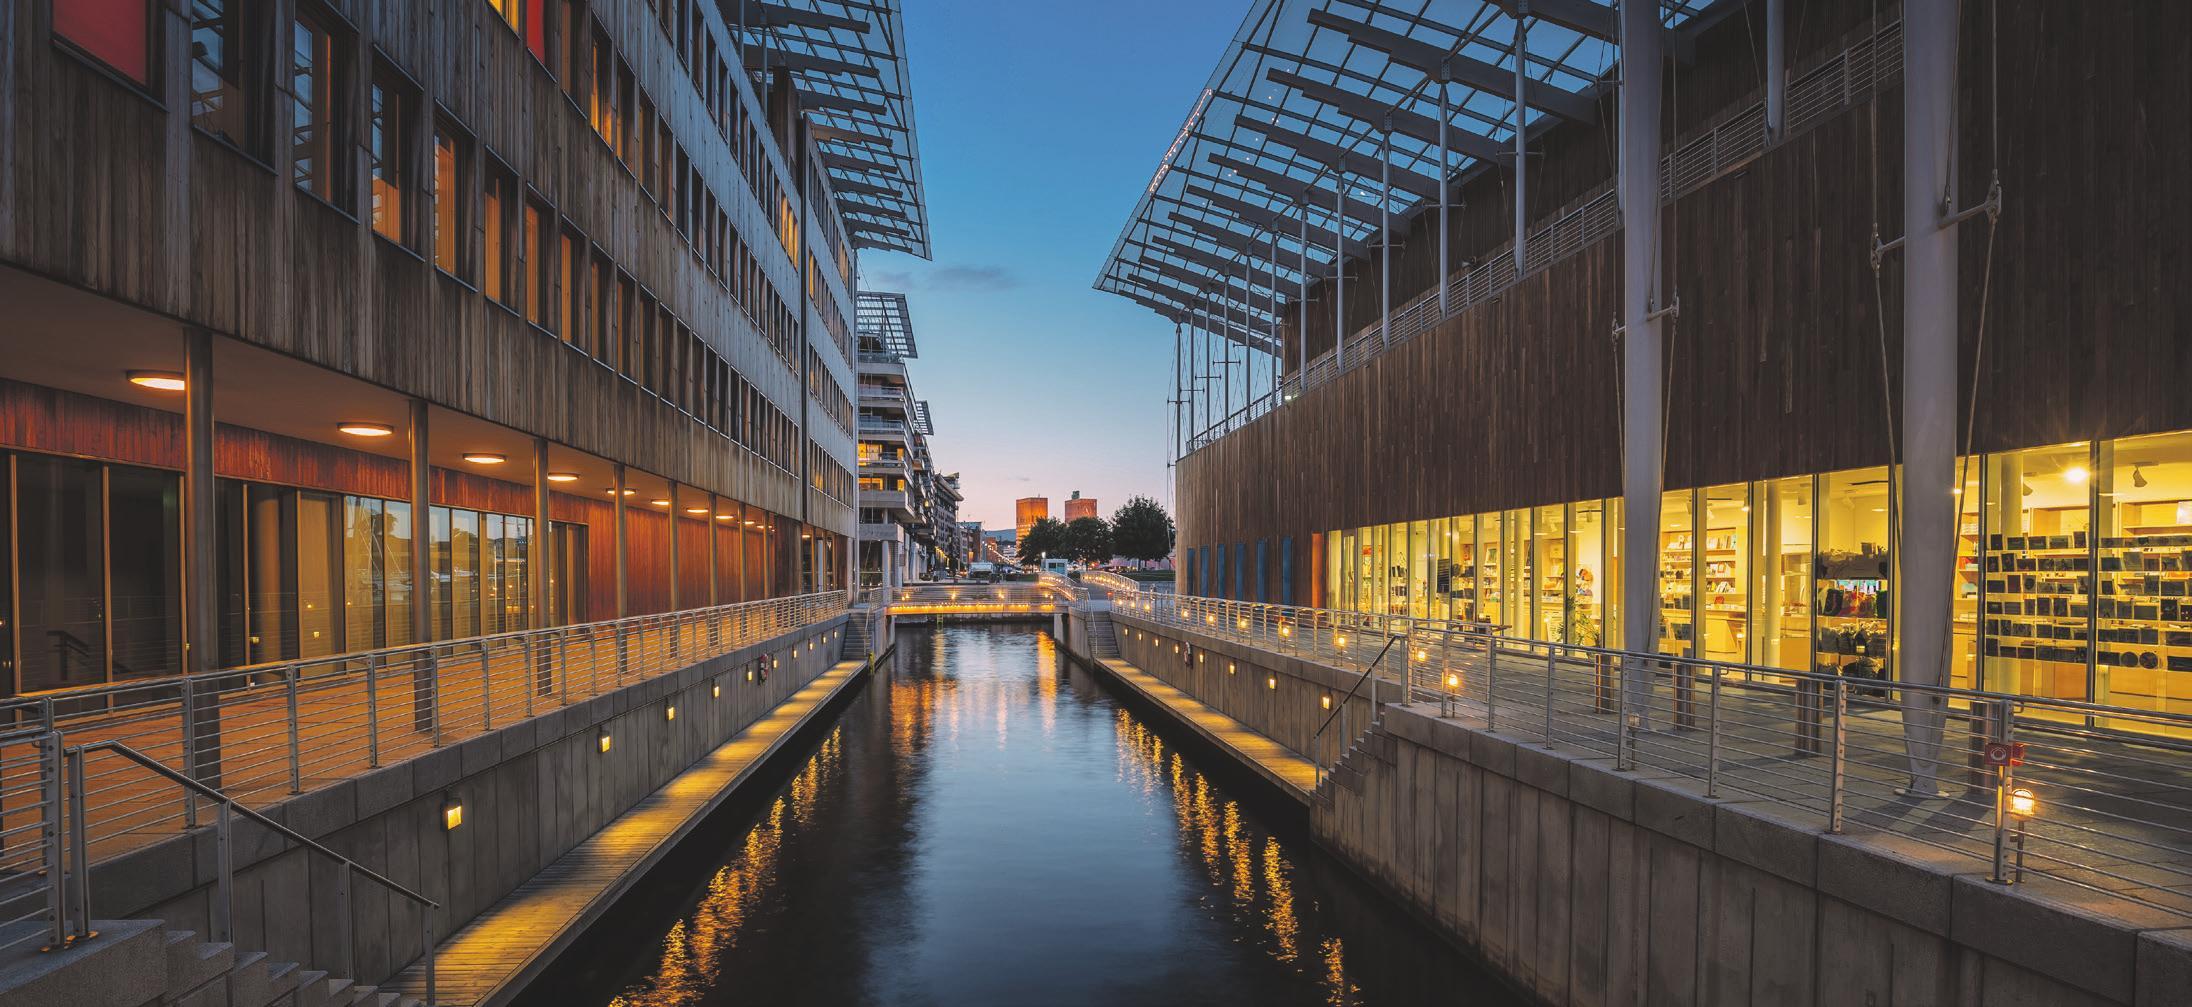 Holz wirkt: Ob an der modernen Holzfassade beim Astrup Fearnley Museum of Modern Art in Norwegens Hauptstadt Oslo oder im Privathaus in der wilden Natur der Lofoten (Foto unten). Foto: Shutterstock | Grisha Bruev